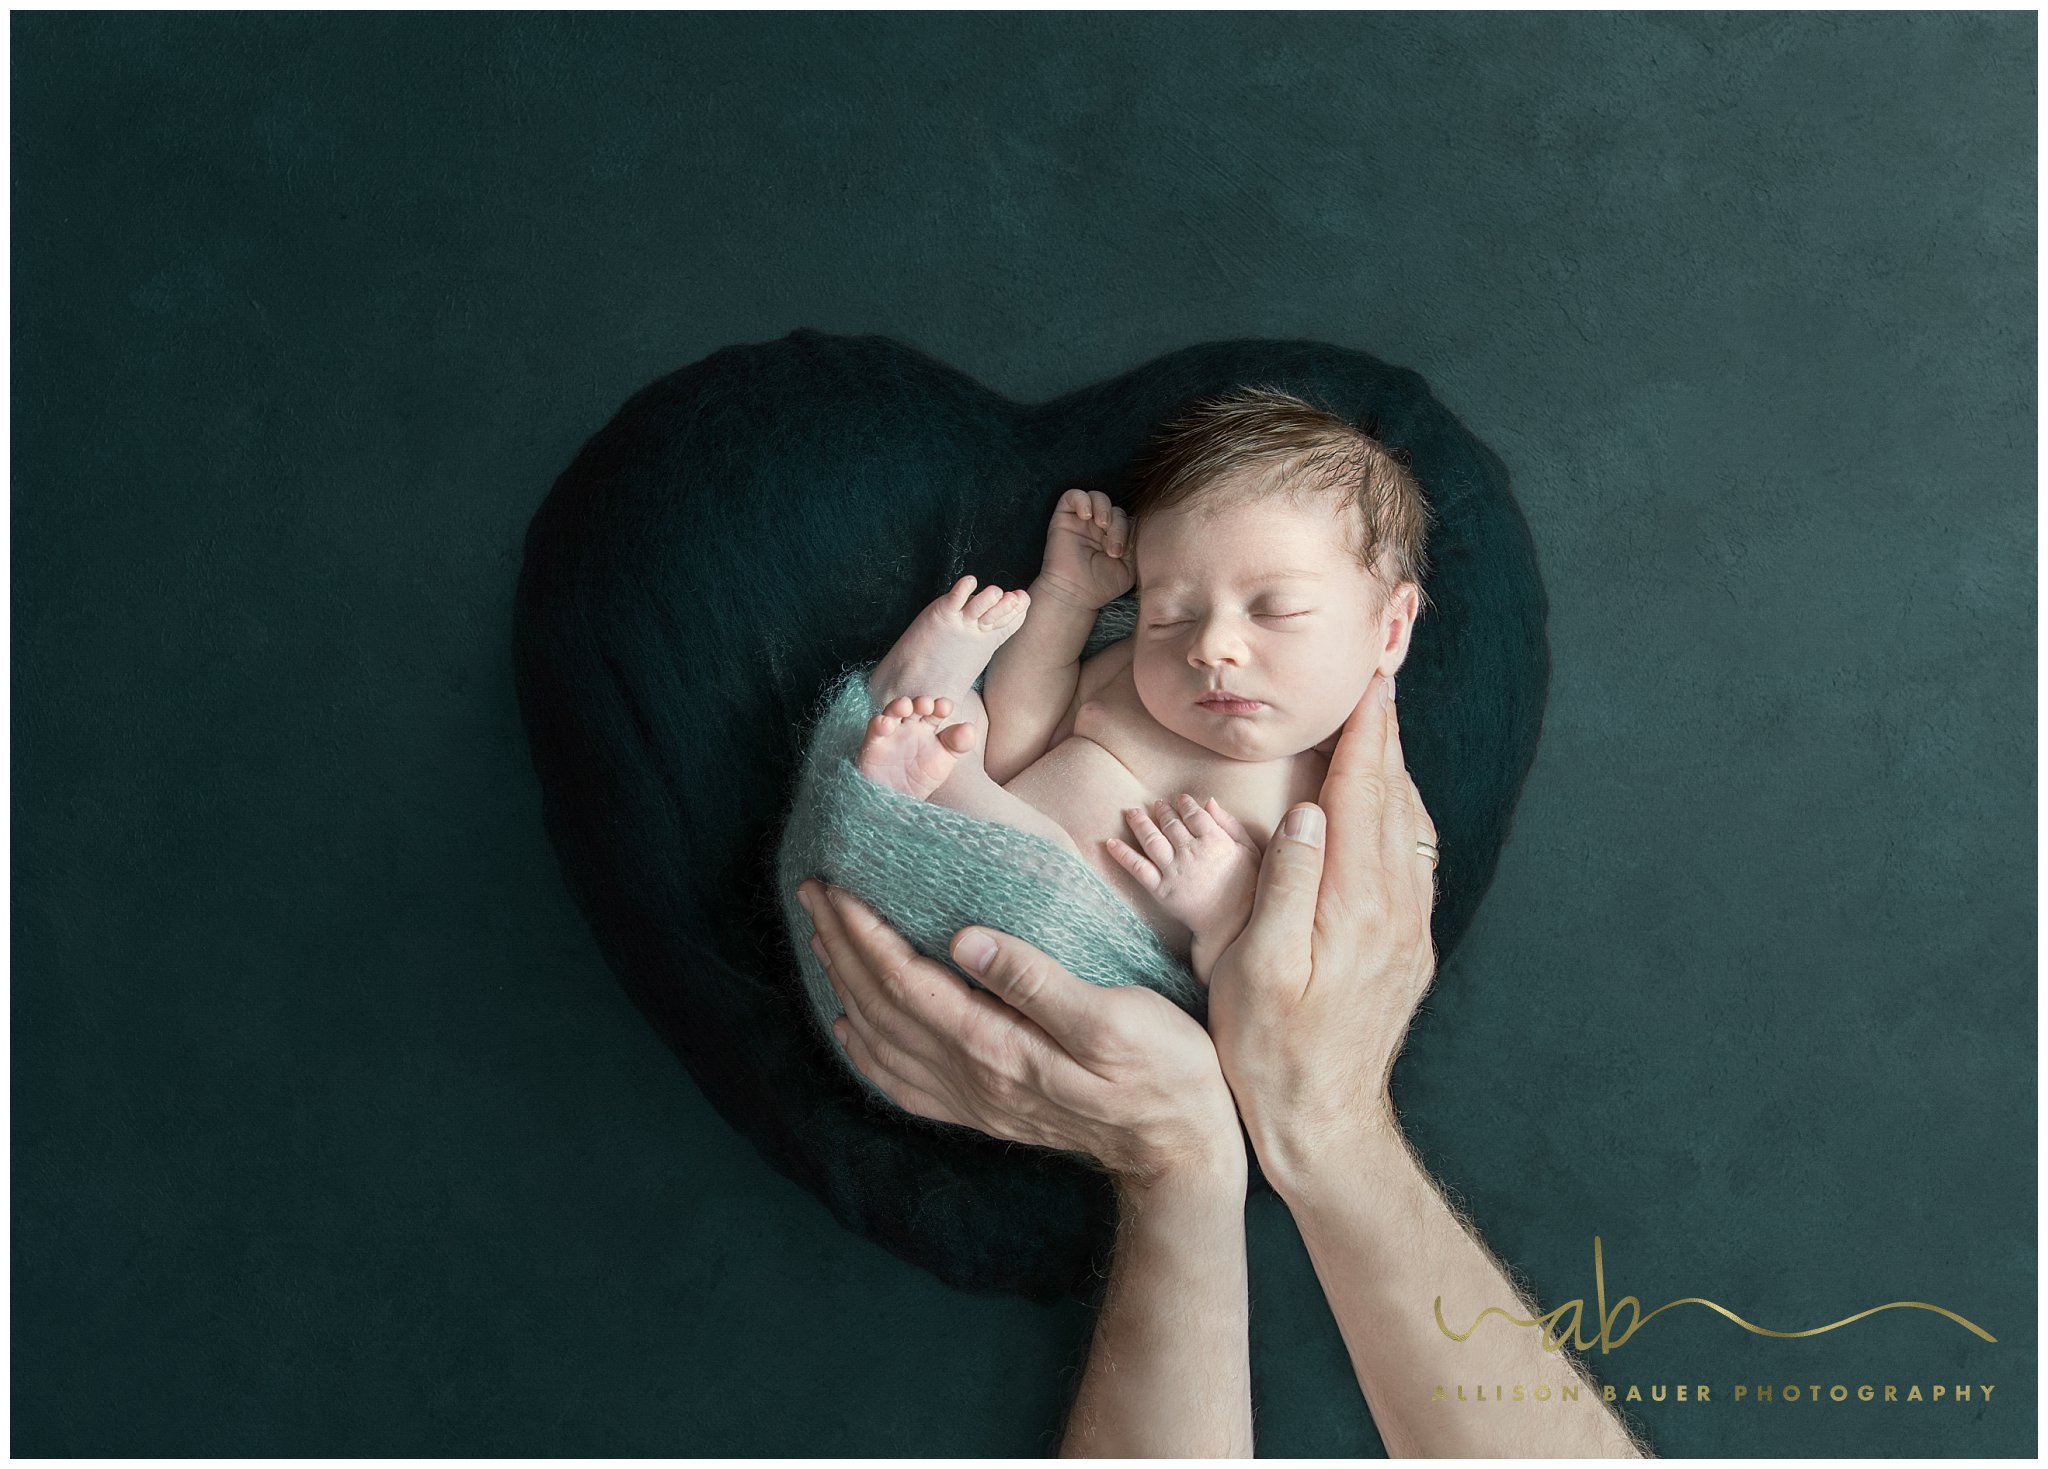 Allison-Bauer-Bild-Baby-hände-herz